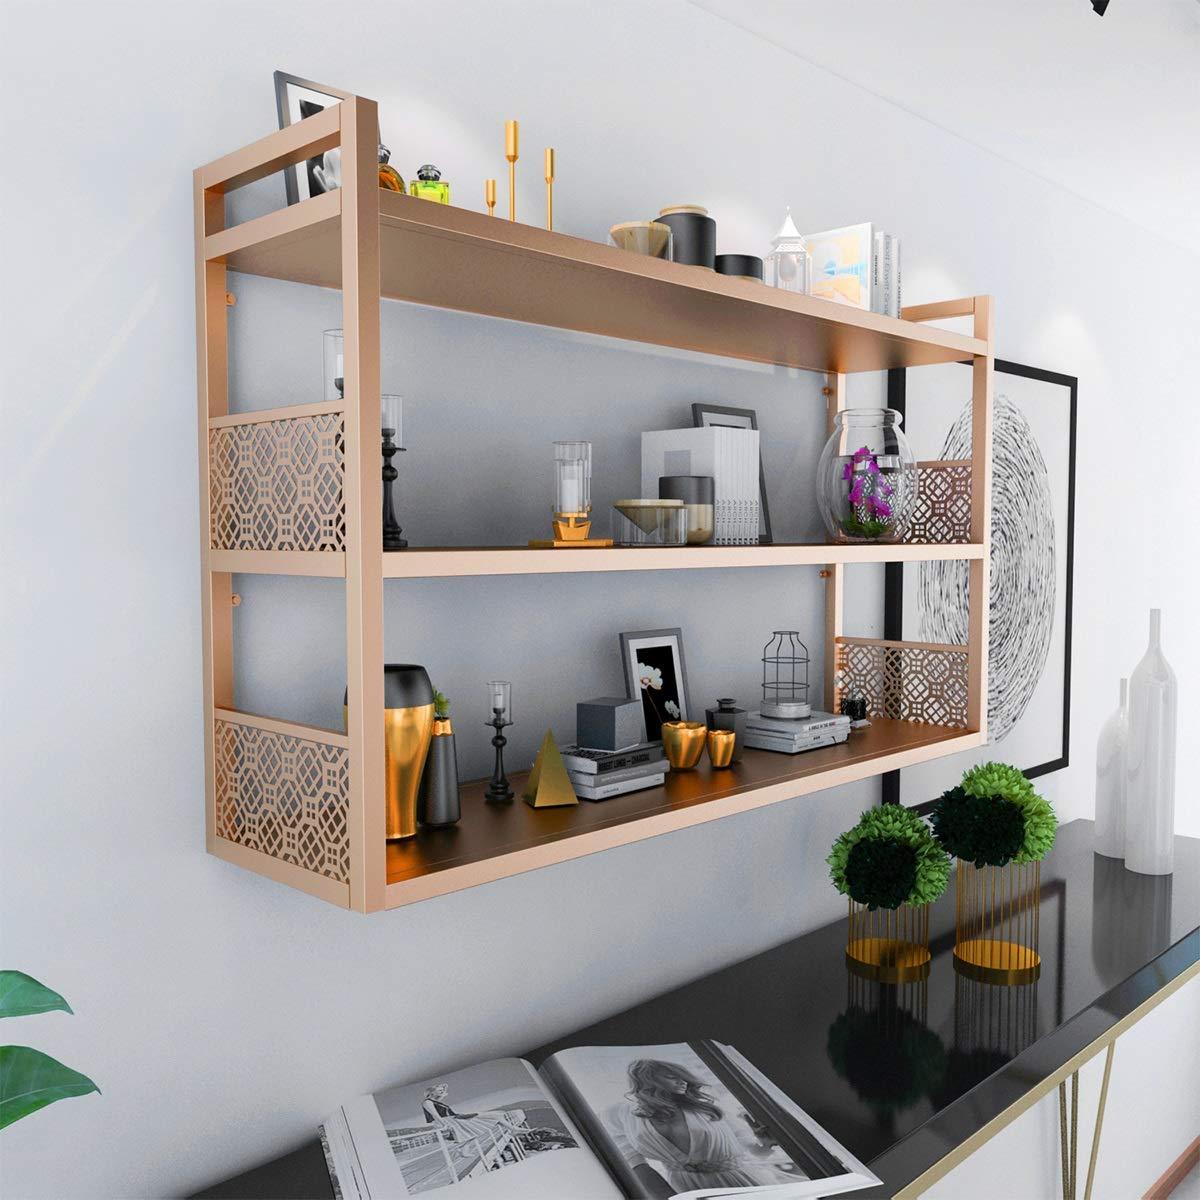 Wohnzimmer Farbe Gold: Regale & Ablagen Aufbewahren & Ordnen Farbe : Gold, Größe